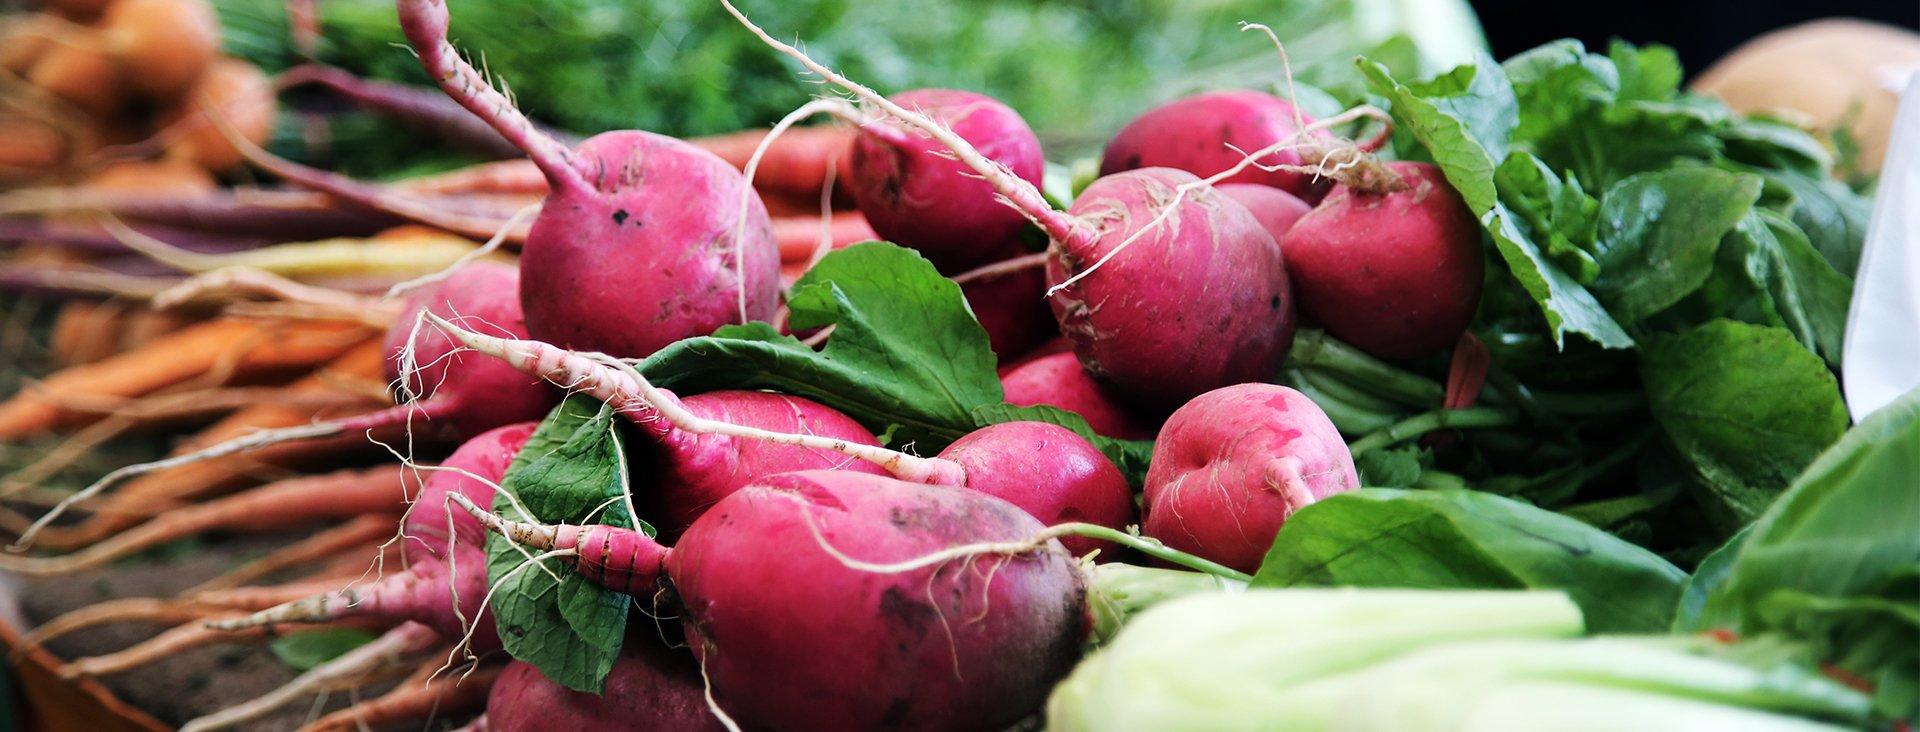 Frutas y verduras productos Citrama